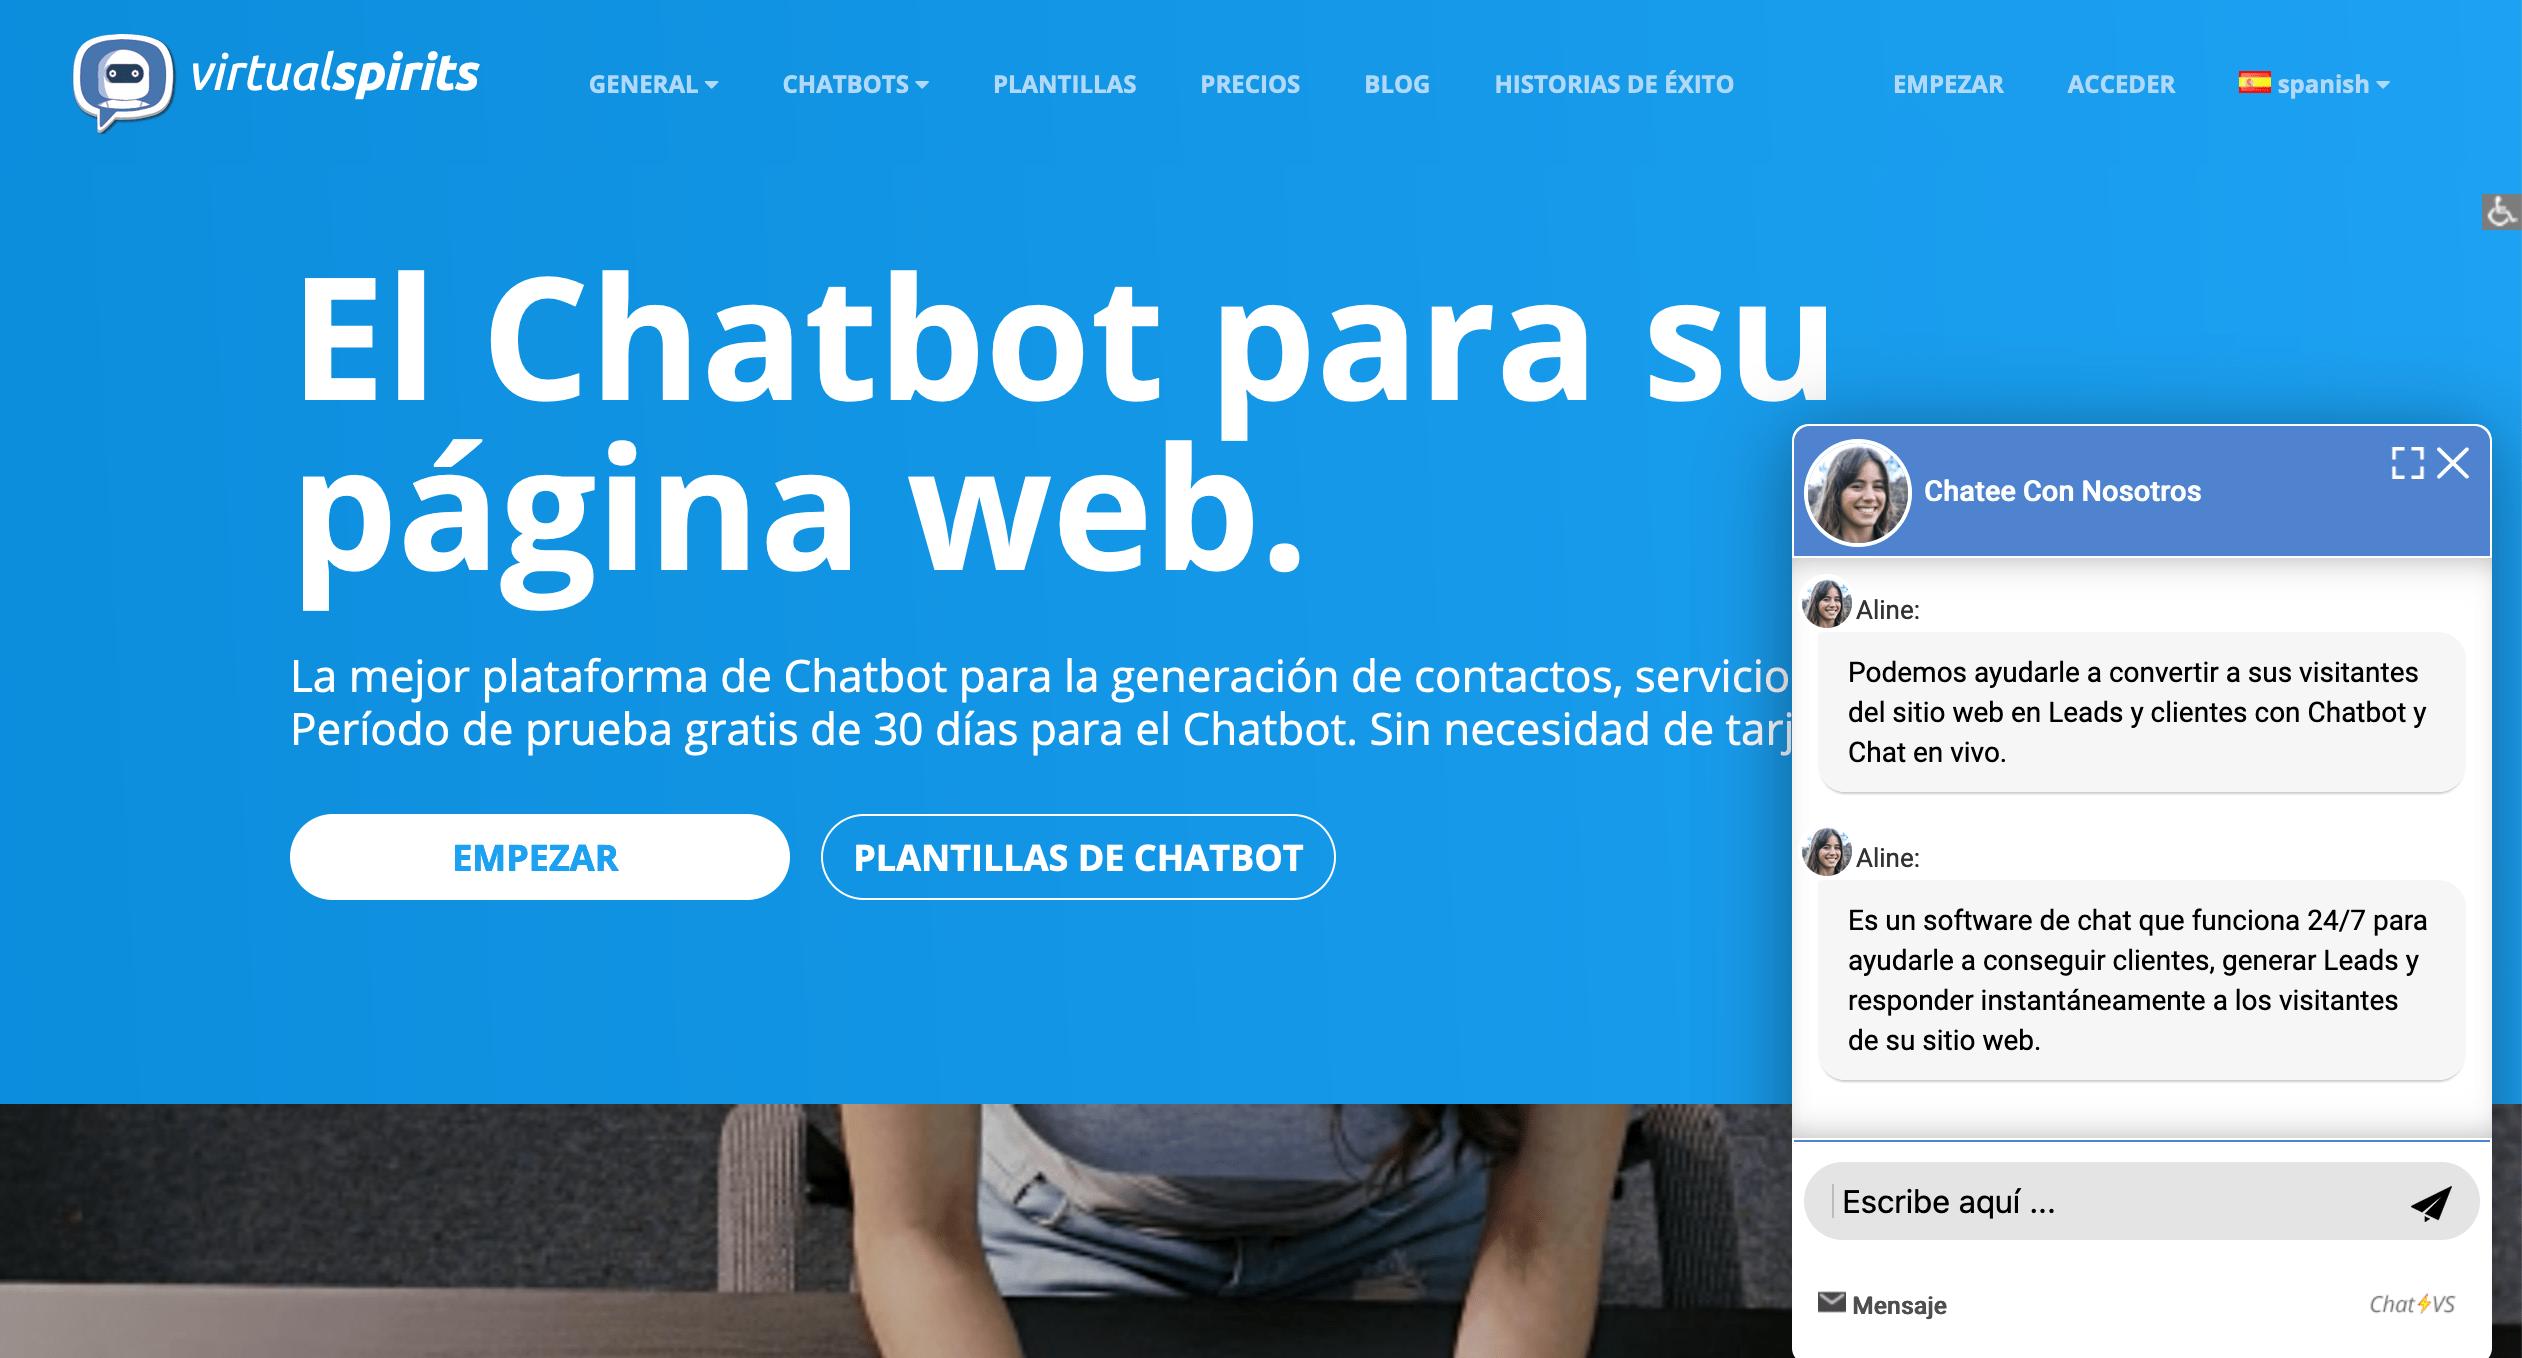 Ejemplo de chatbot para atención al cliente en el eCommerce